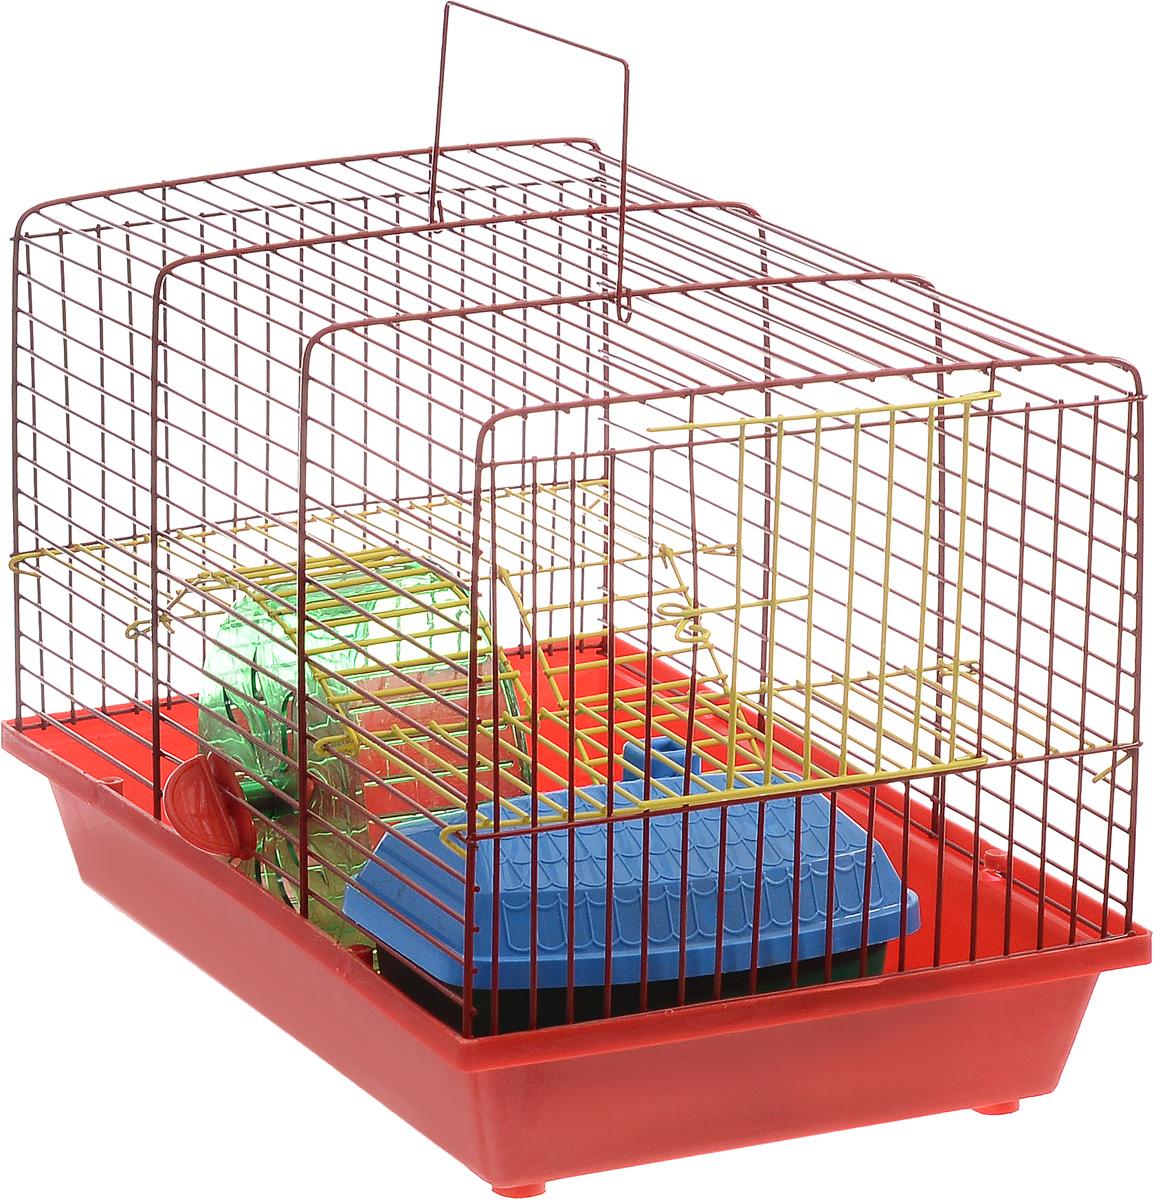 Клетка для грызунов Зоомарк Венеция, 2-этажная, цвет: красный поддон, красная решетка, желтый этаж, 36 х 23 х 24 см145кКК\145жкКлетка Венеция, выполненная из полипропилена и металла, подходит для мелких грызунов. Изделие двухэтажное, оборудовано колесом для подвижных игр и пластиковым домиком. Клетка имеет яркий поддон, удобна в использовании и легко чистится. Сверху имеется ручка для переноски. Такая клетка станет уединенным личным пространством и уютным домиком для маленького грызуна.